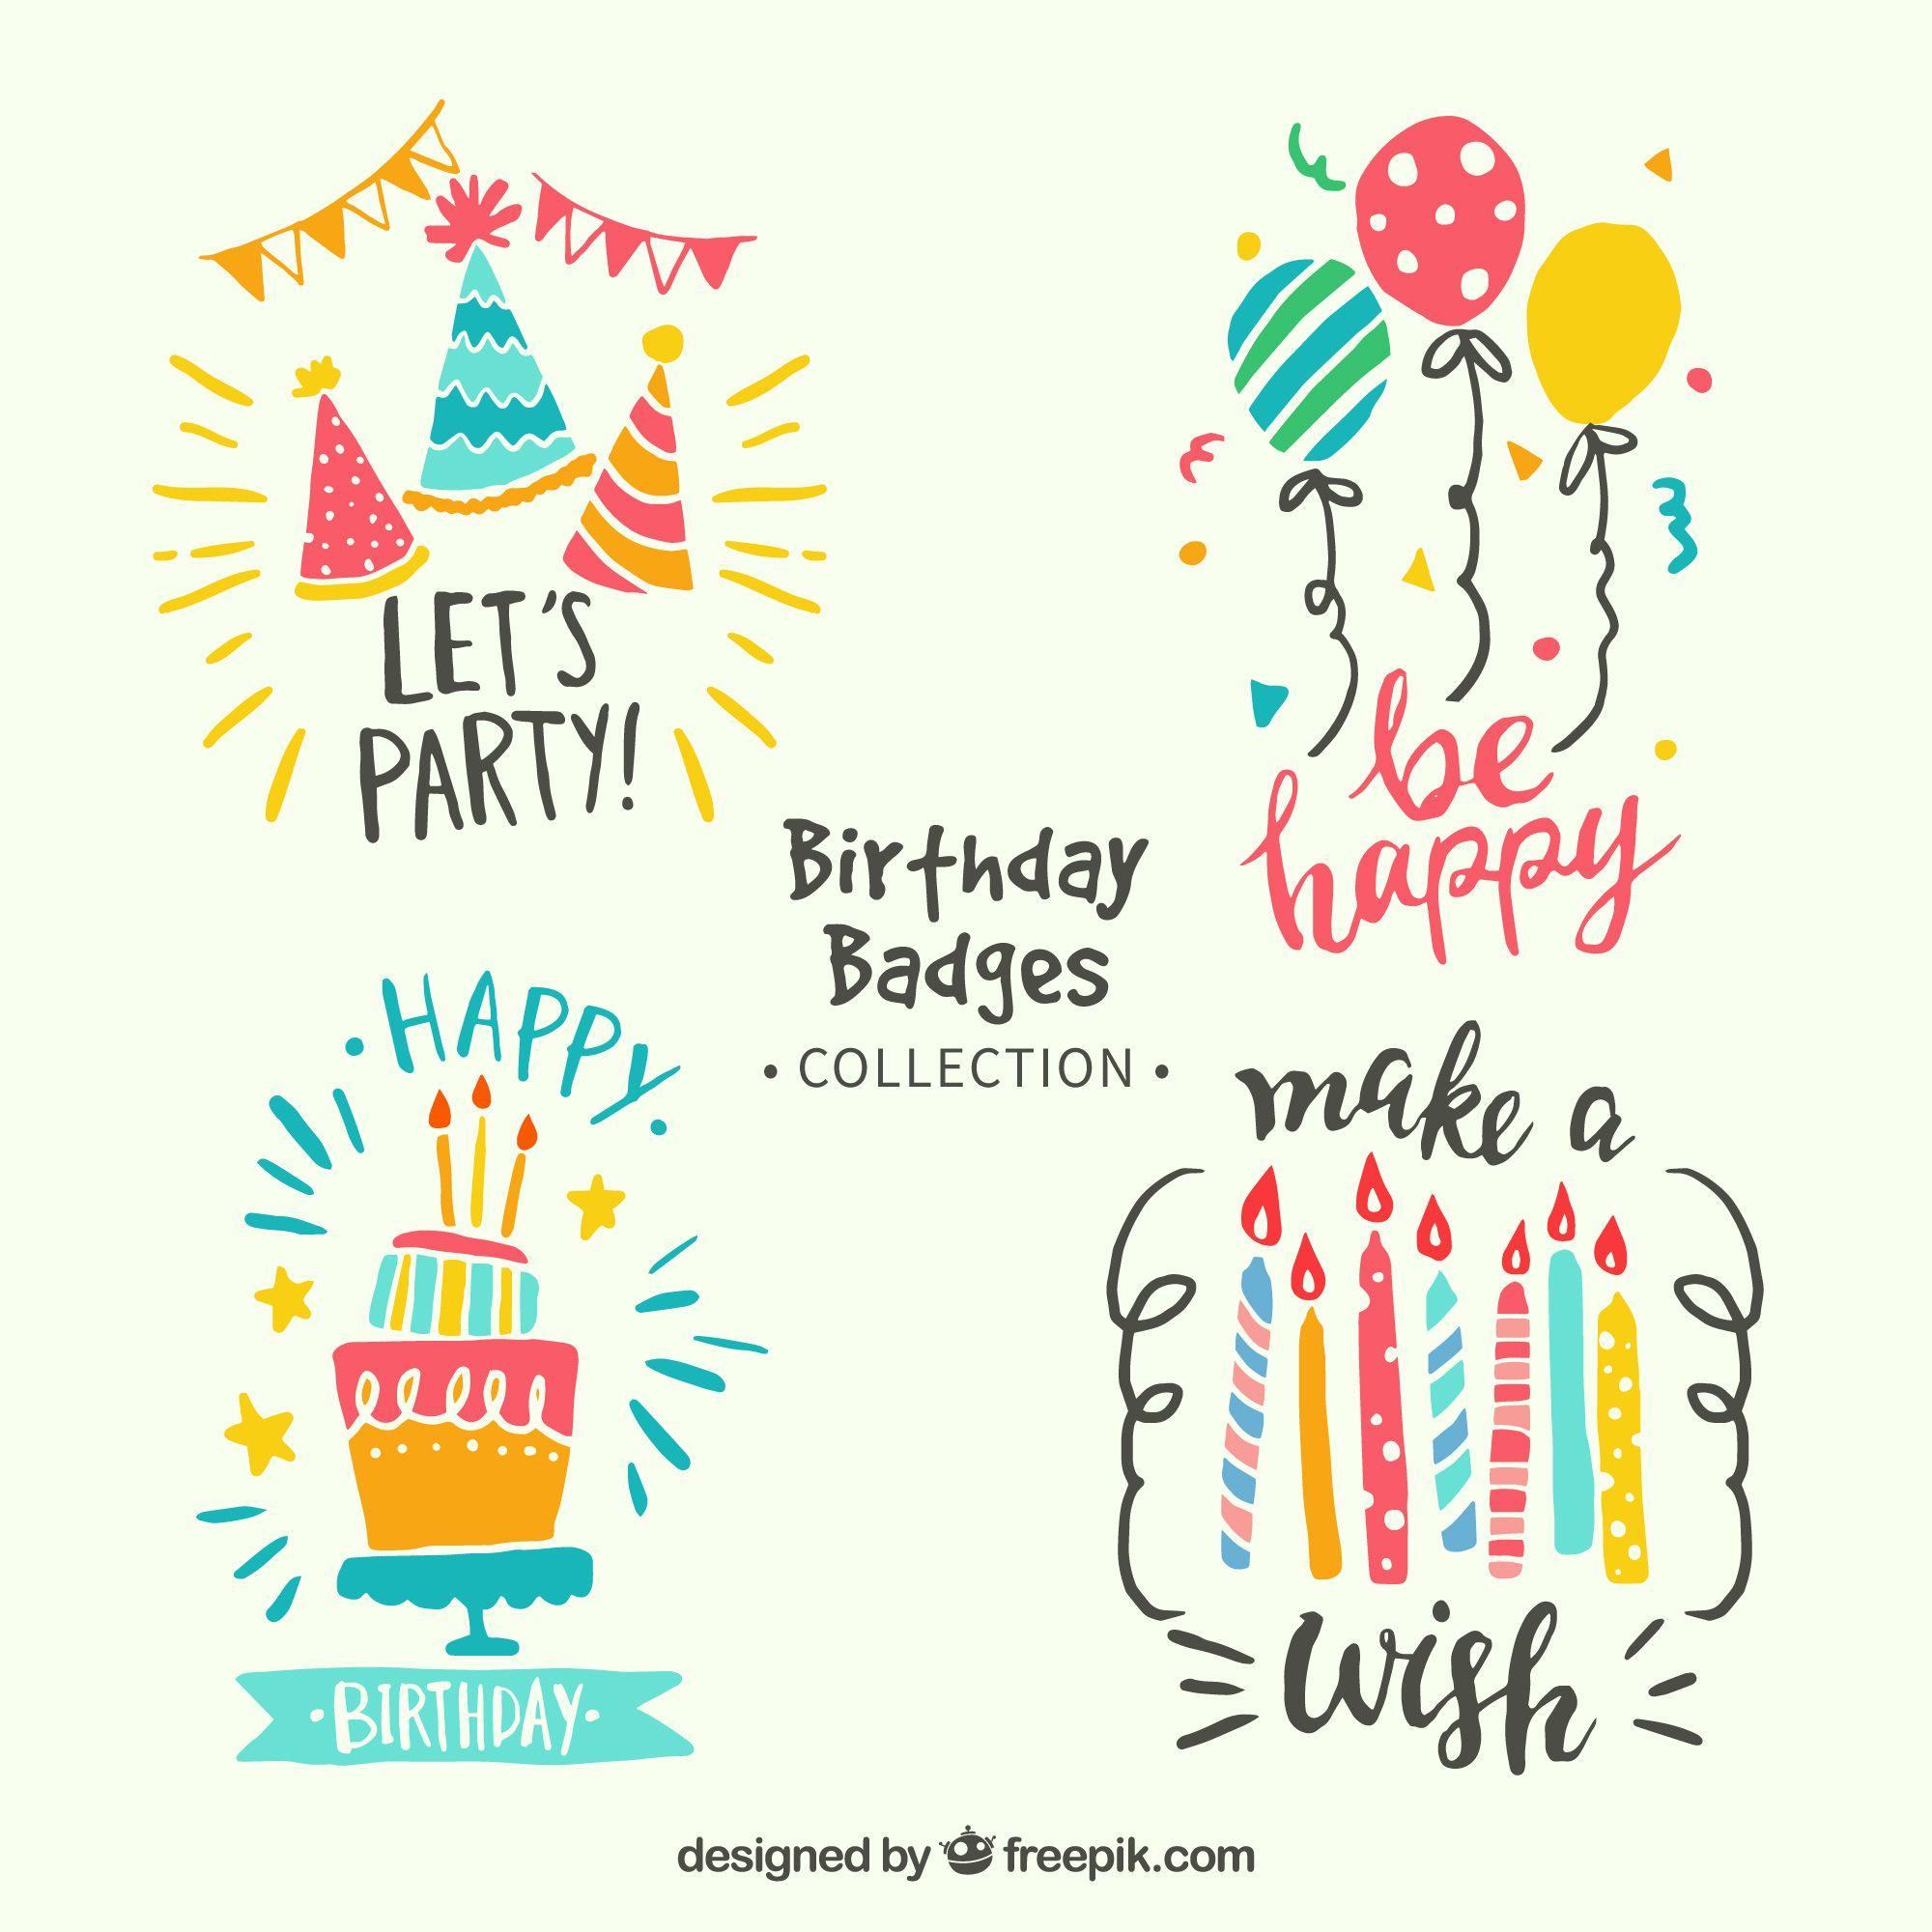 Aniversario Parabens Separadores Happybirthday Behappy